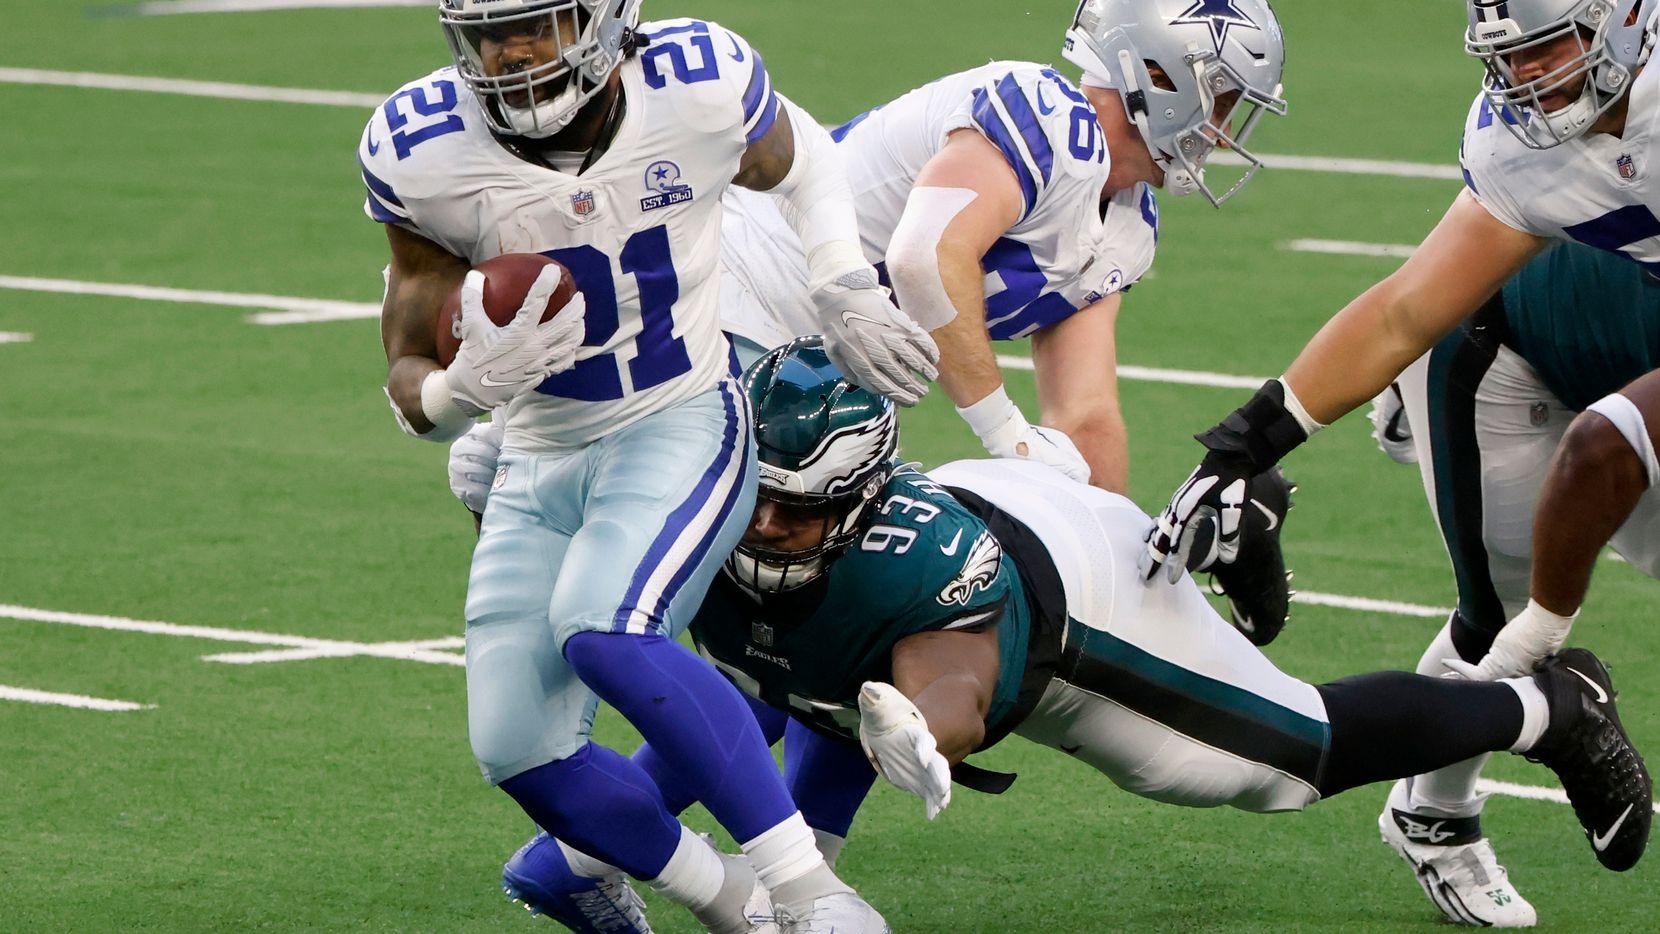 El corredor de los Cowboys de Dallas, Ezekiel Elliott (21), rompe una tacleada ante los Eagles de Filadelfia en el juego del 27 de diciembre de 2020 efectuado en el AT&T Stadium de Arlington.